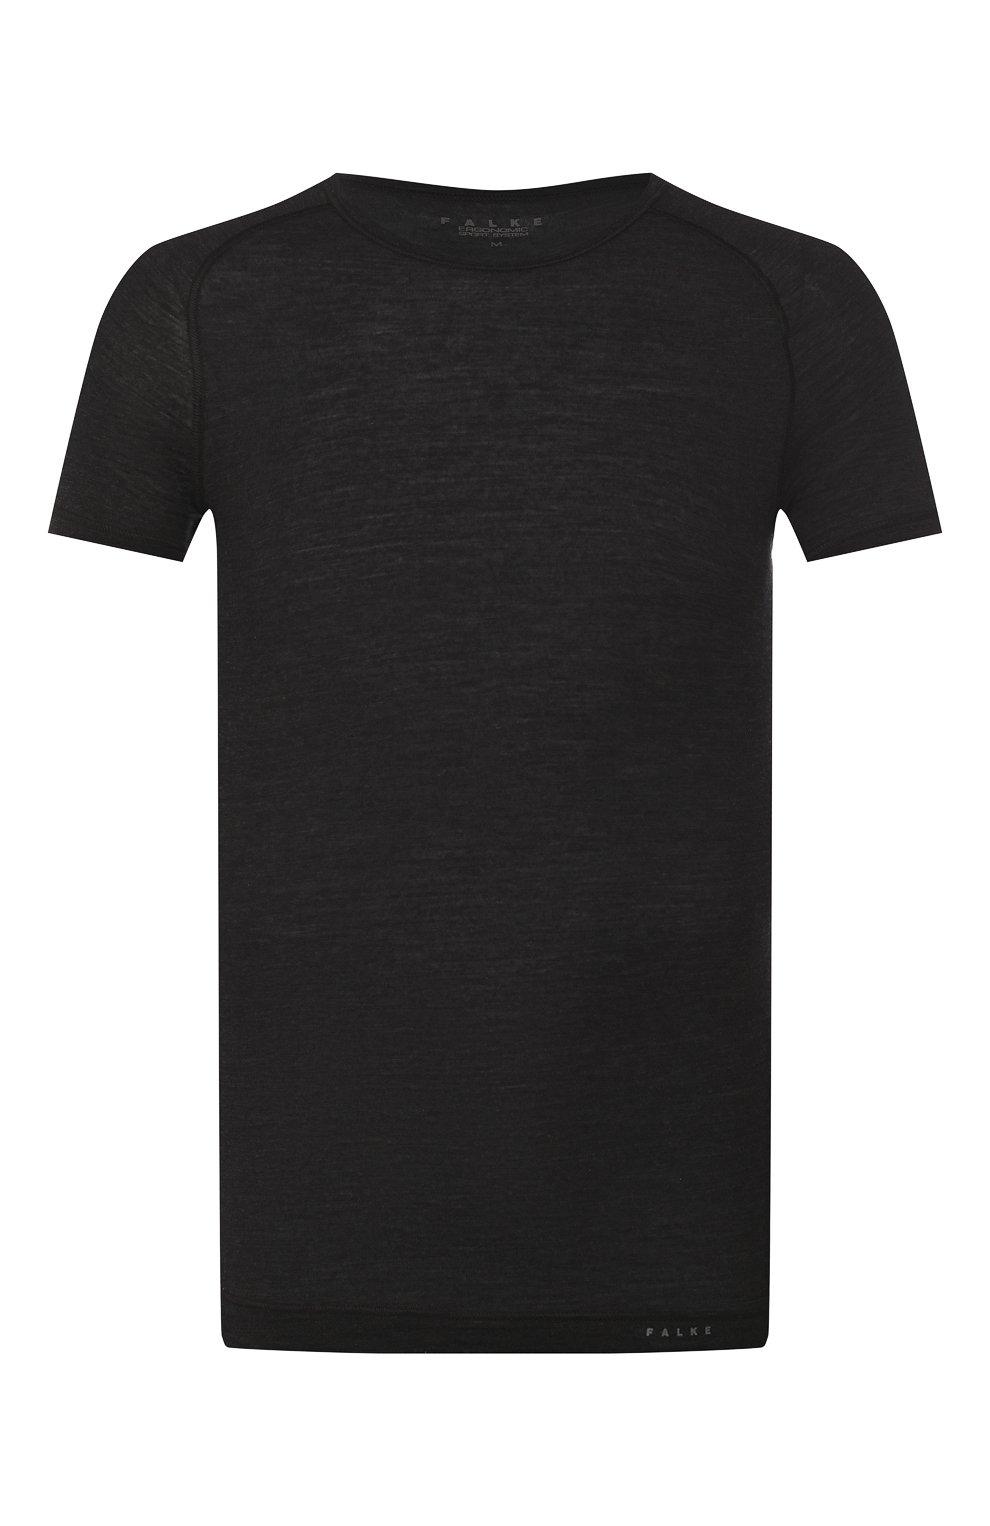 Мужская футболка из смеси шерсти и шелка FALKE темно-серого цвета, арт. 33423   Фото 1 (Материал внешний: Шерсть, Шелк; Кросс-КТ: домашняя одежда; Рукава: Короткие; Длина (для топов): Стандартные; Мужское Кросс-КТ: Футболка-белье; Статус проверки: Проверена категория)